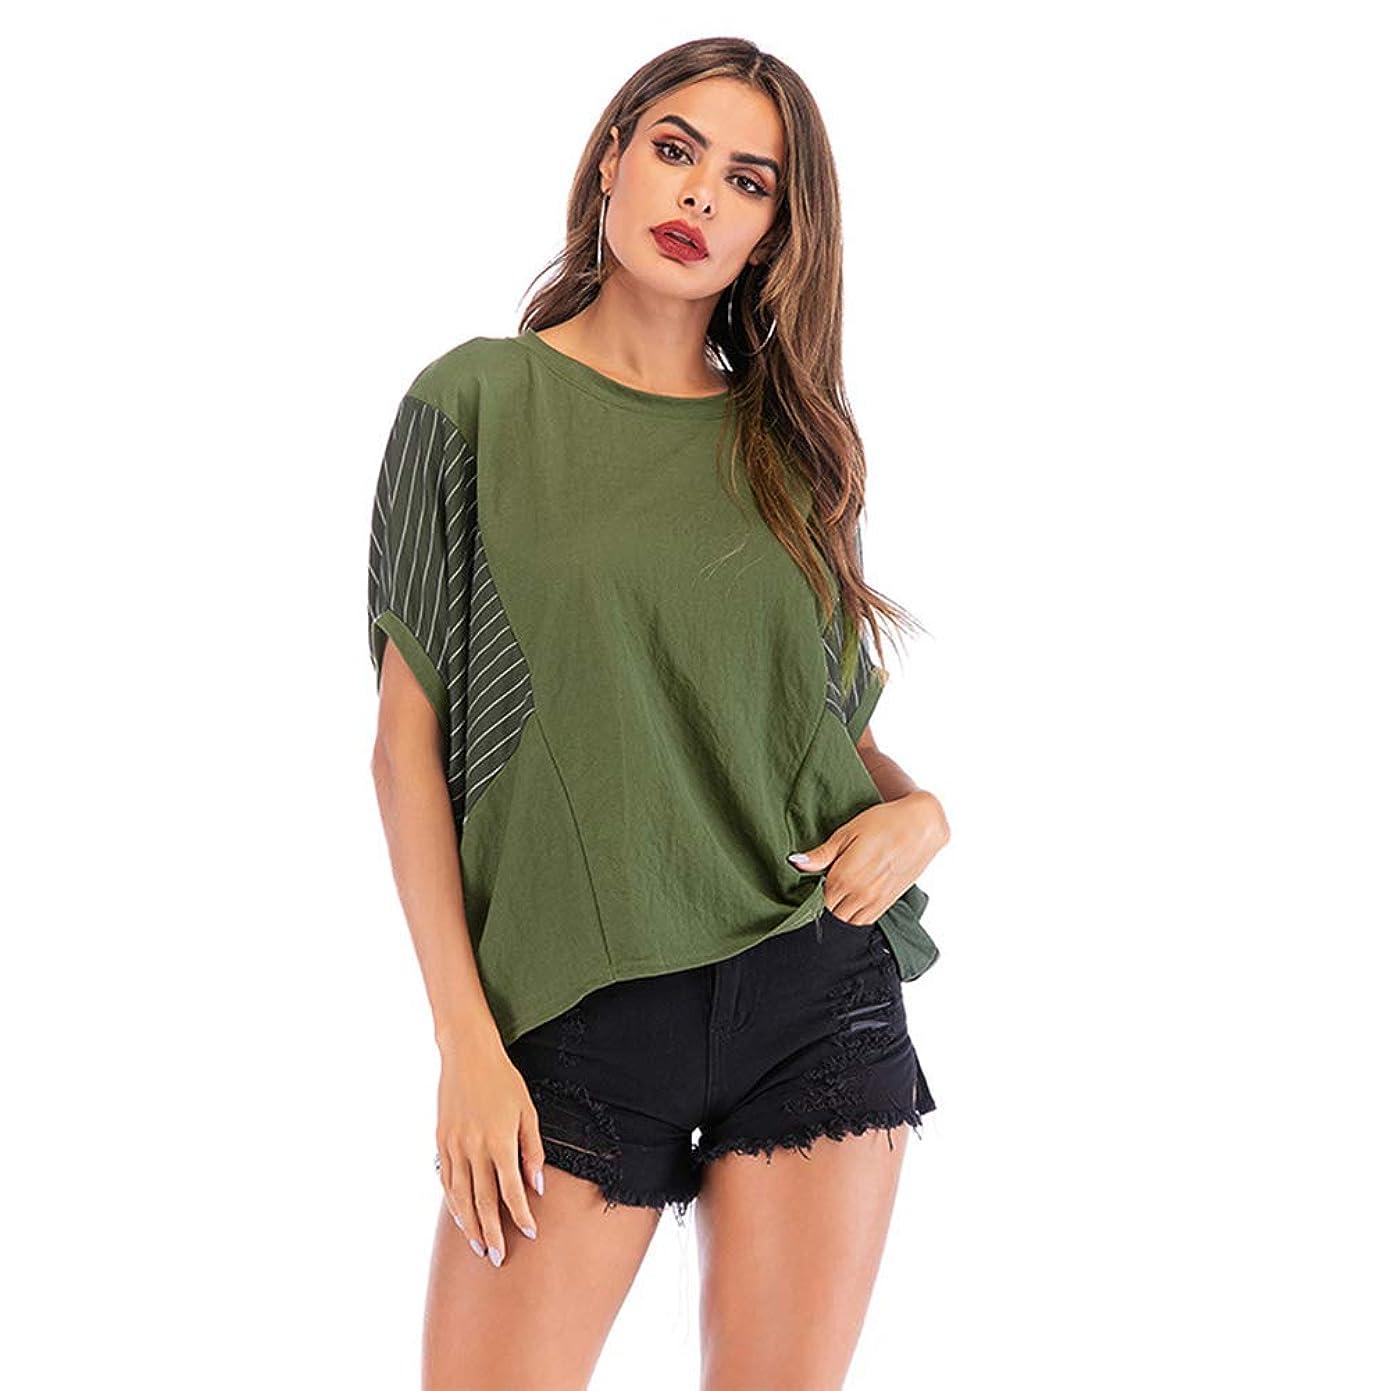 かる芸術詩夏のバットスリーブスタイルの女性の半袖、ステッチコントラスト不規則な縞模様、ゆったりとした快適な、シンプルな雰囲気,XL